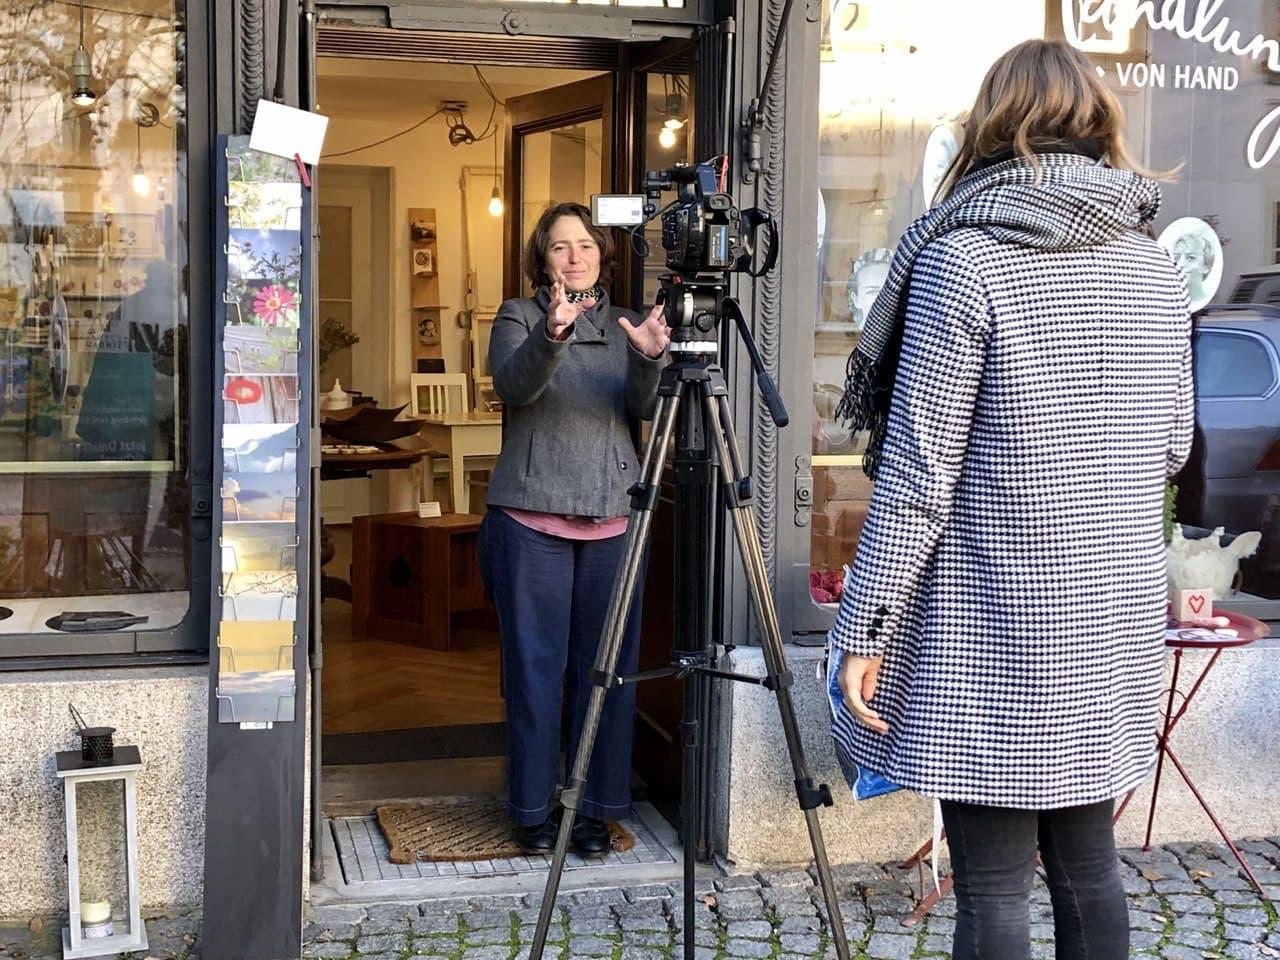 Das Filmteam von Allgäu-TV in der Handlung